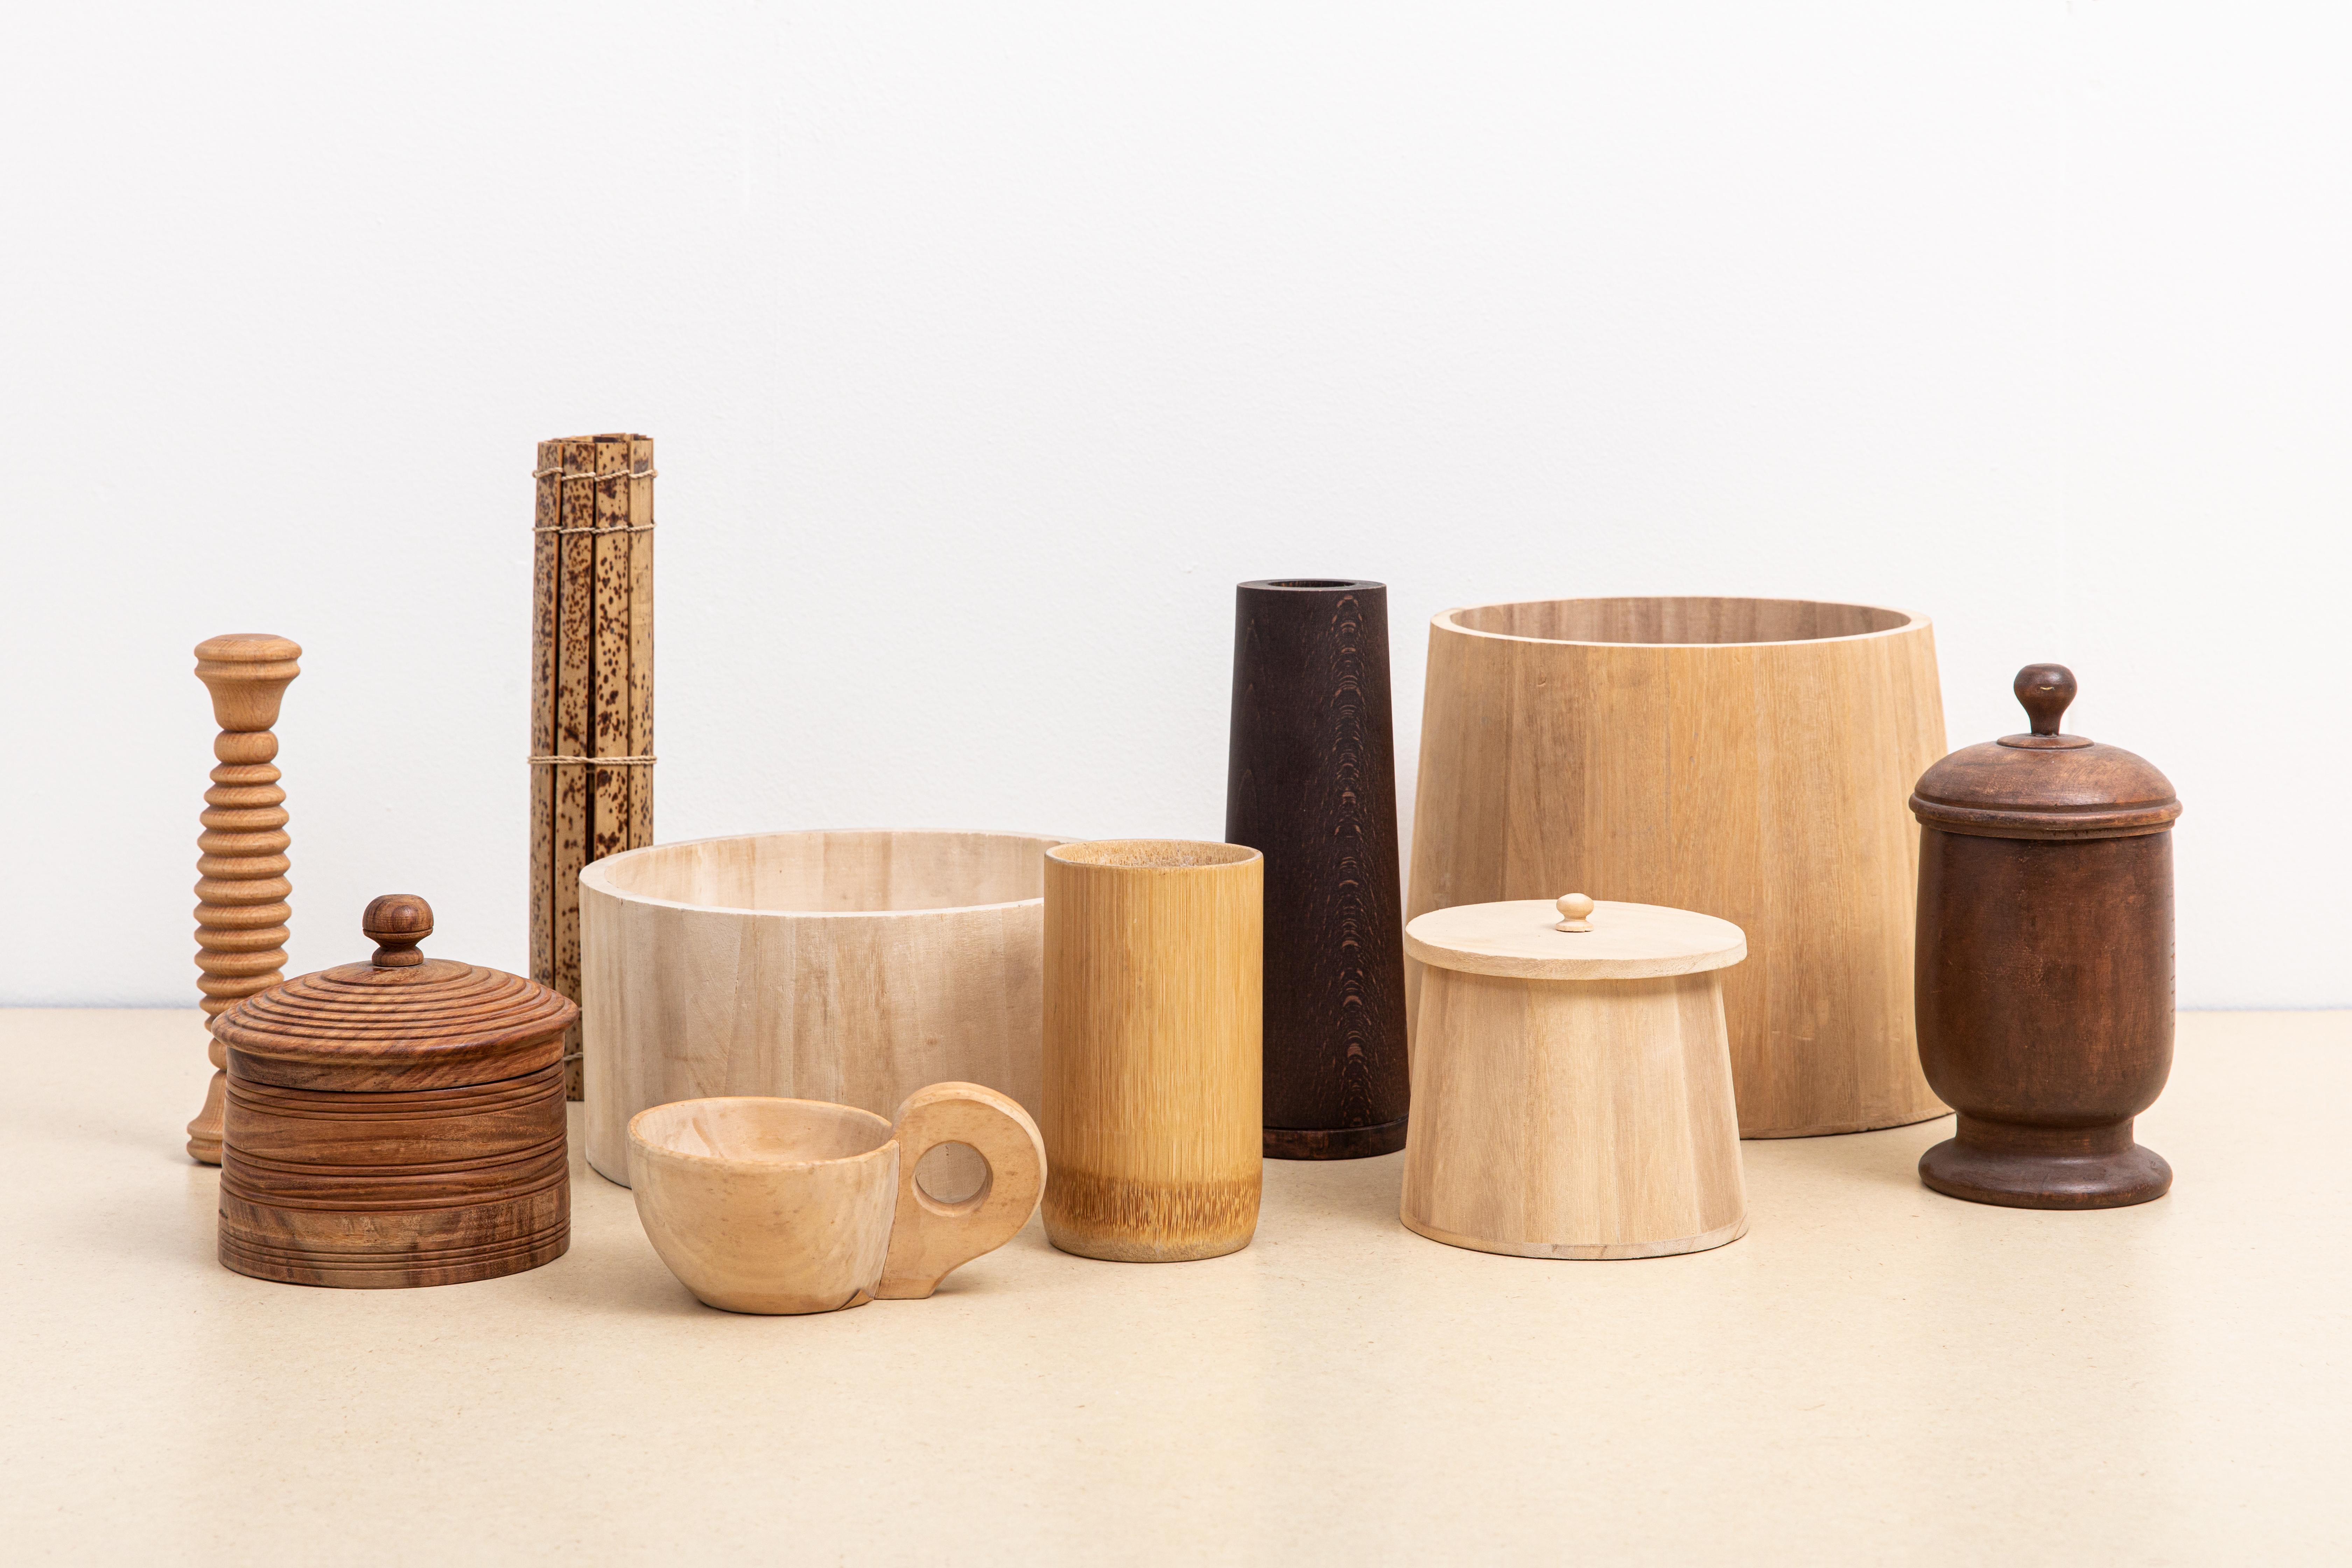 Kringloop Het Warenhuis werkt samen met ontwerpers om uit afval design te creeëren